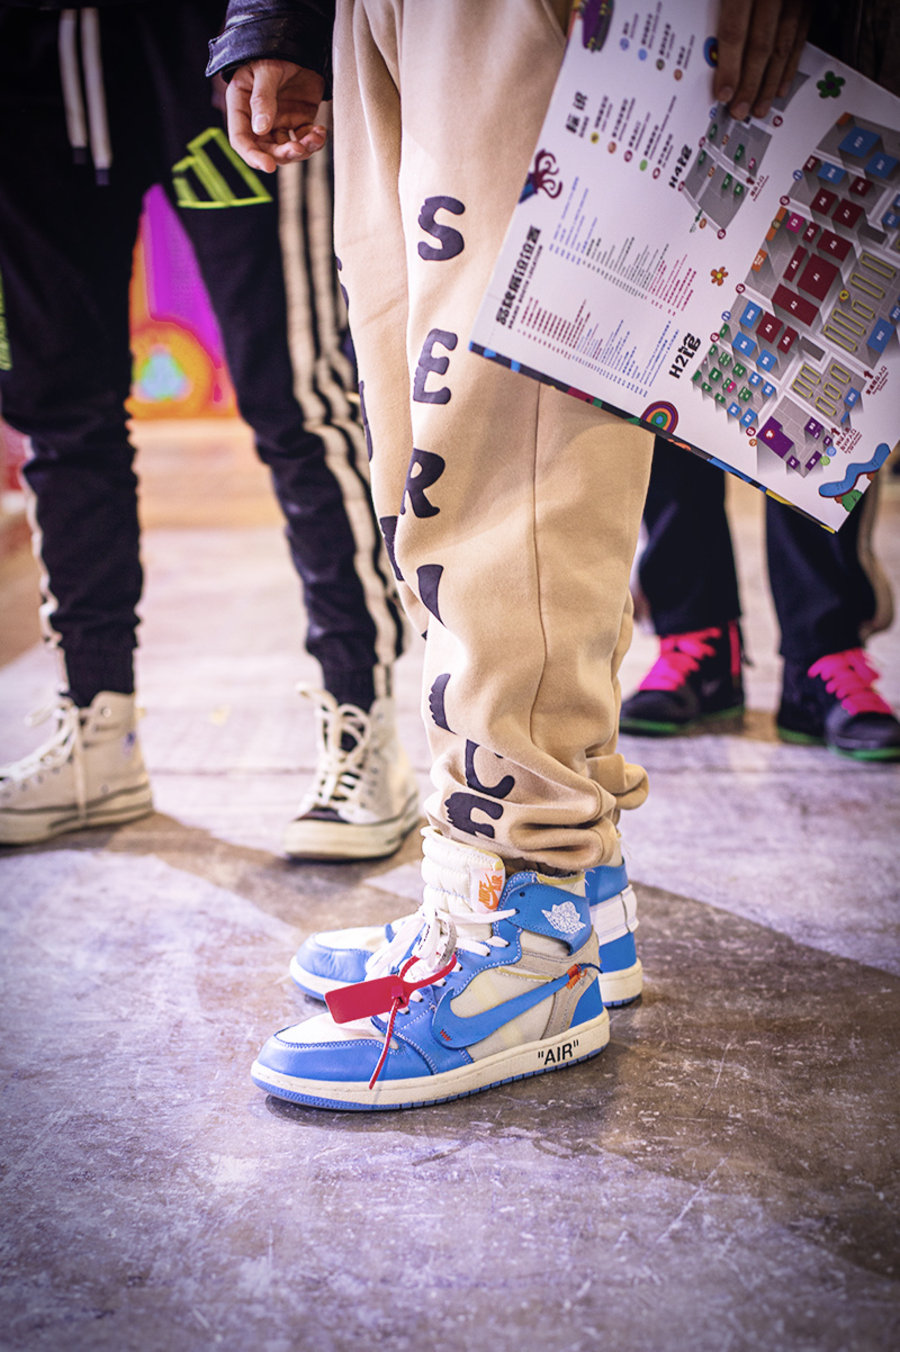 带你,逛,「,万人,鞋展,」,遍地,都是,小,姐姐,  「万人鞋展」遍地小姐姐!冬天光腿穿球鞋,这你受得了吗?!